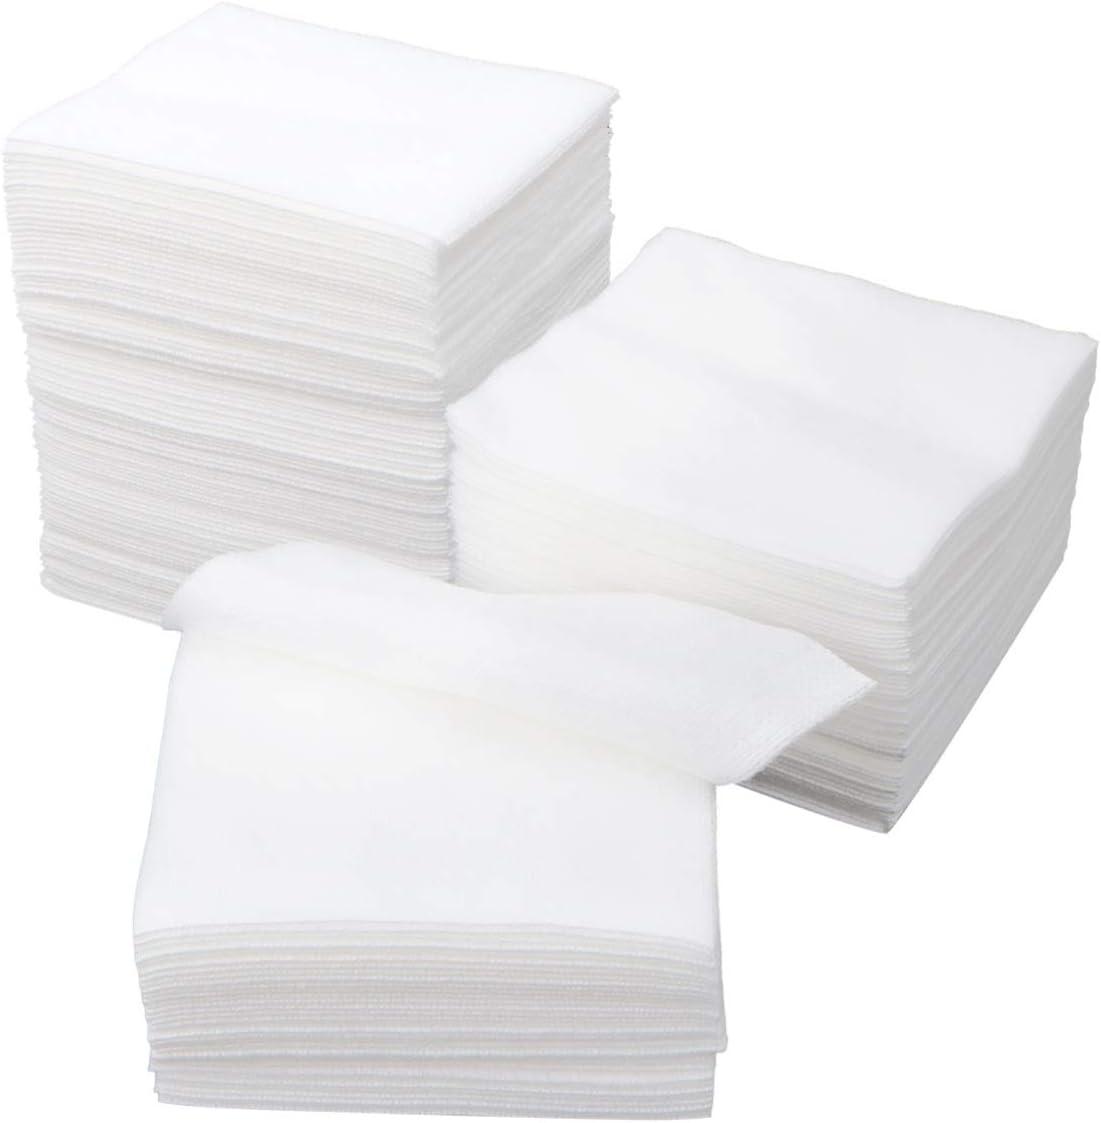 ROSENICE Esponja de gasa no tejida médica usada para el cuidado de la herida Suministros de primeros auxilios Suministros médicos 100pcs